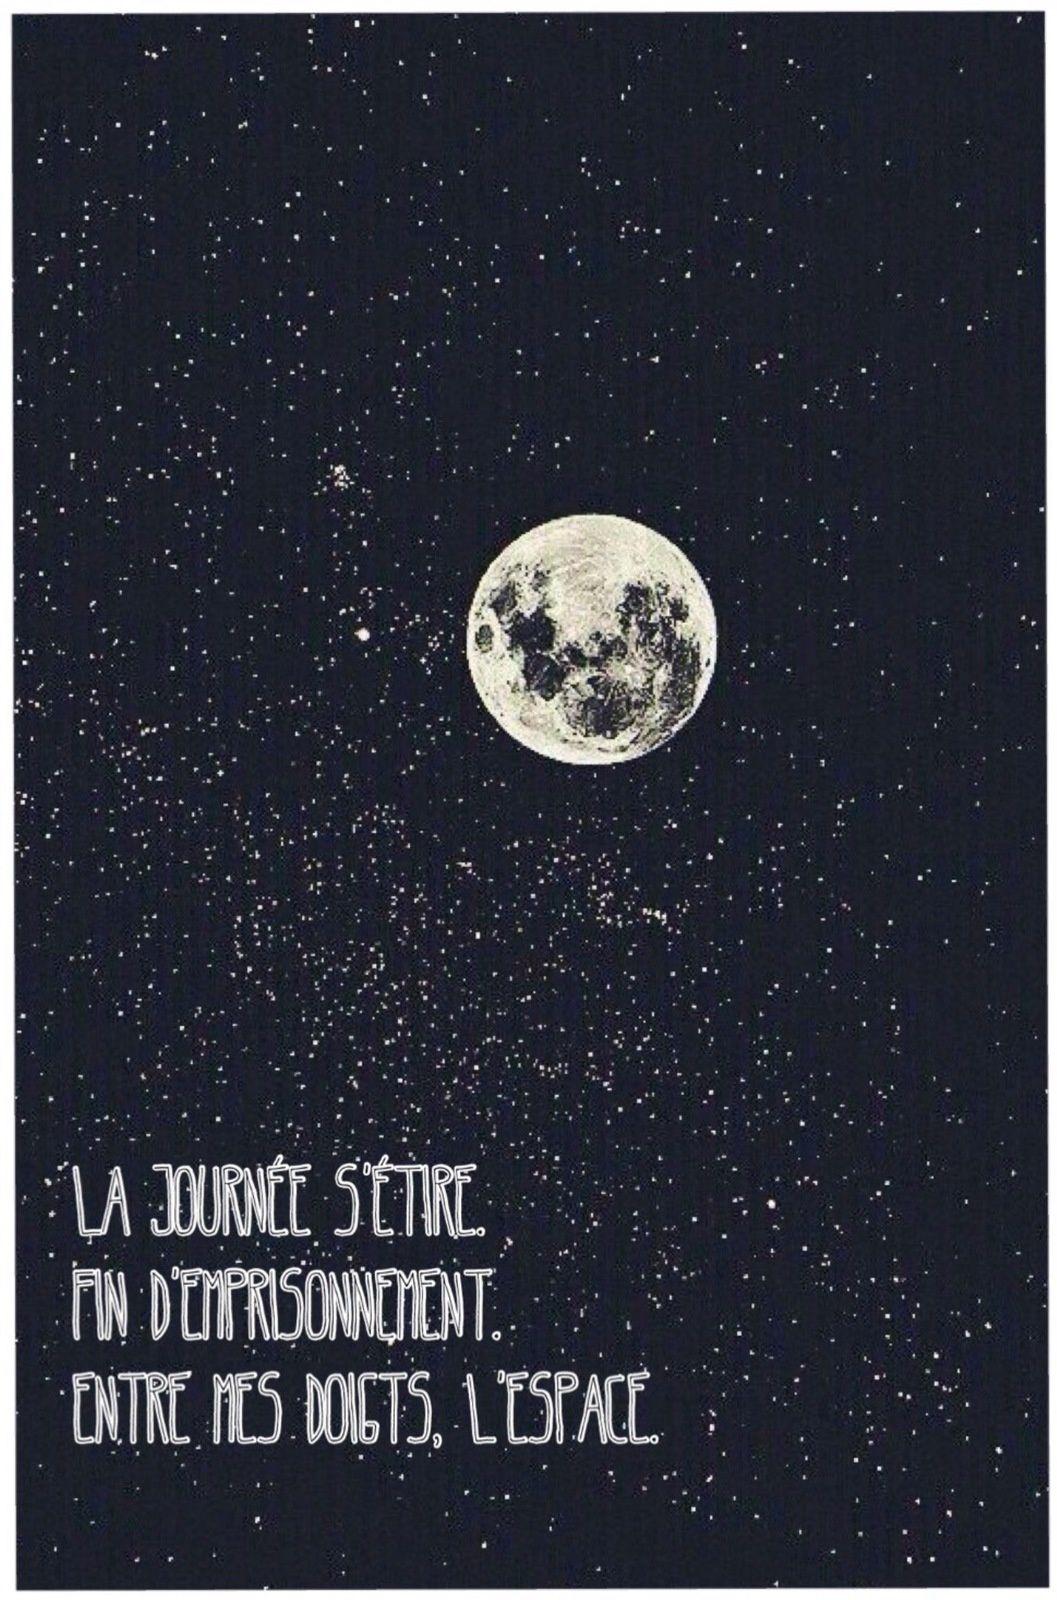 p.32 du recueil Unique Demeure. Image : http://trognondidit.tumblr.com/post/105088322088